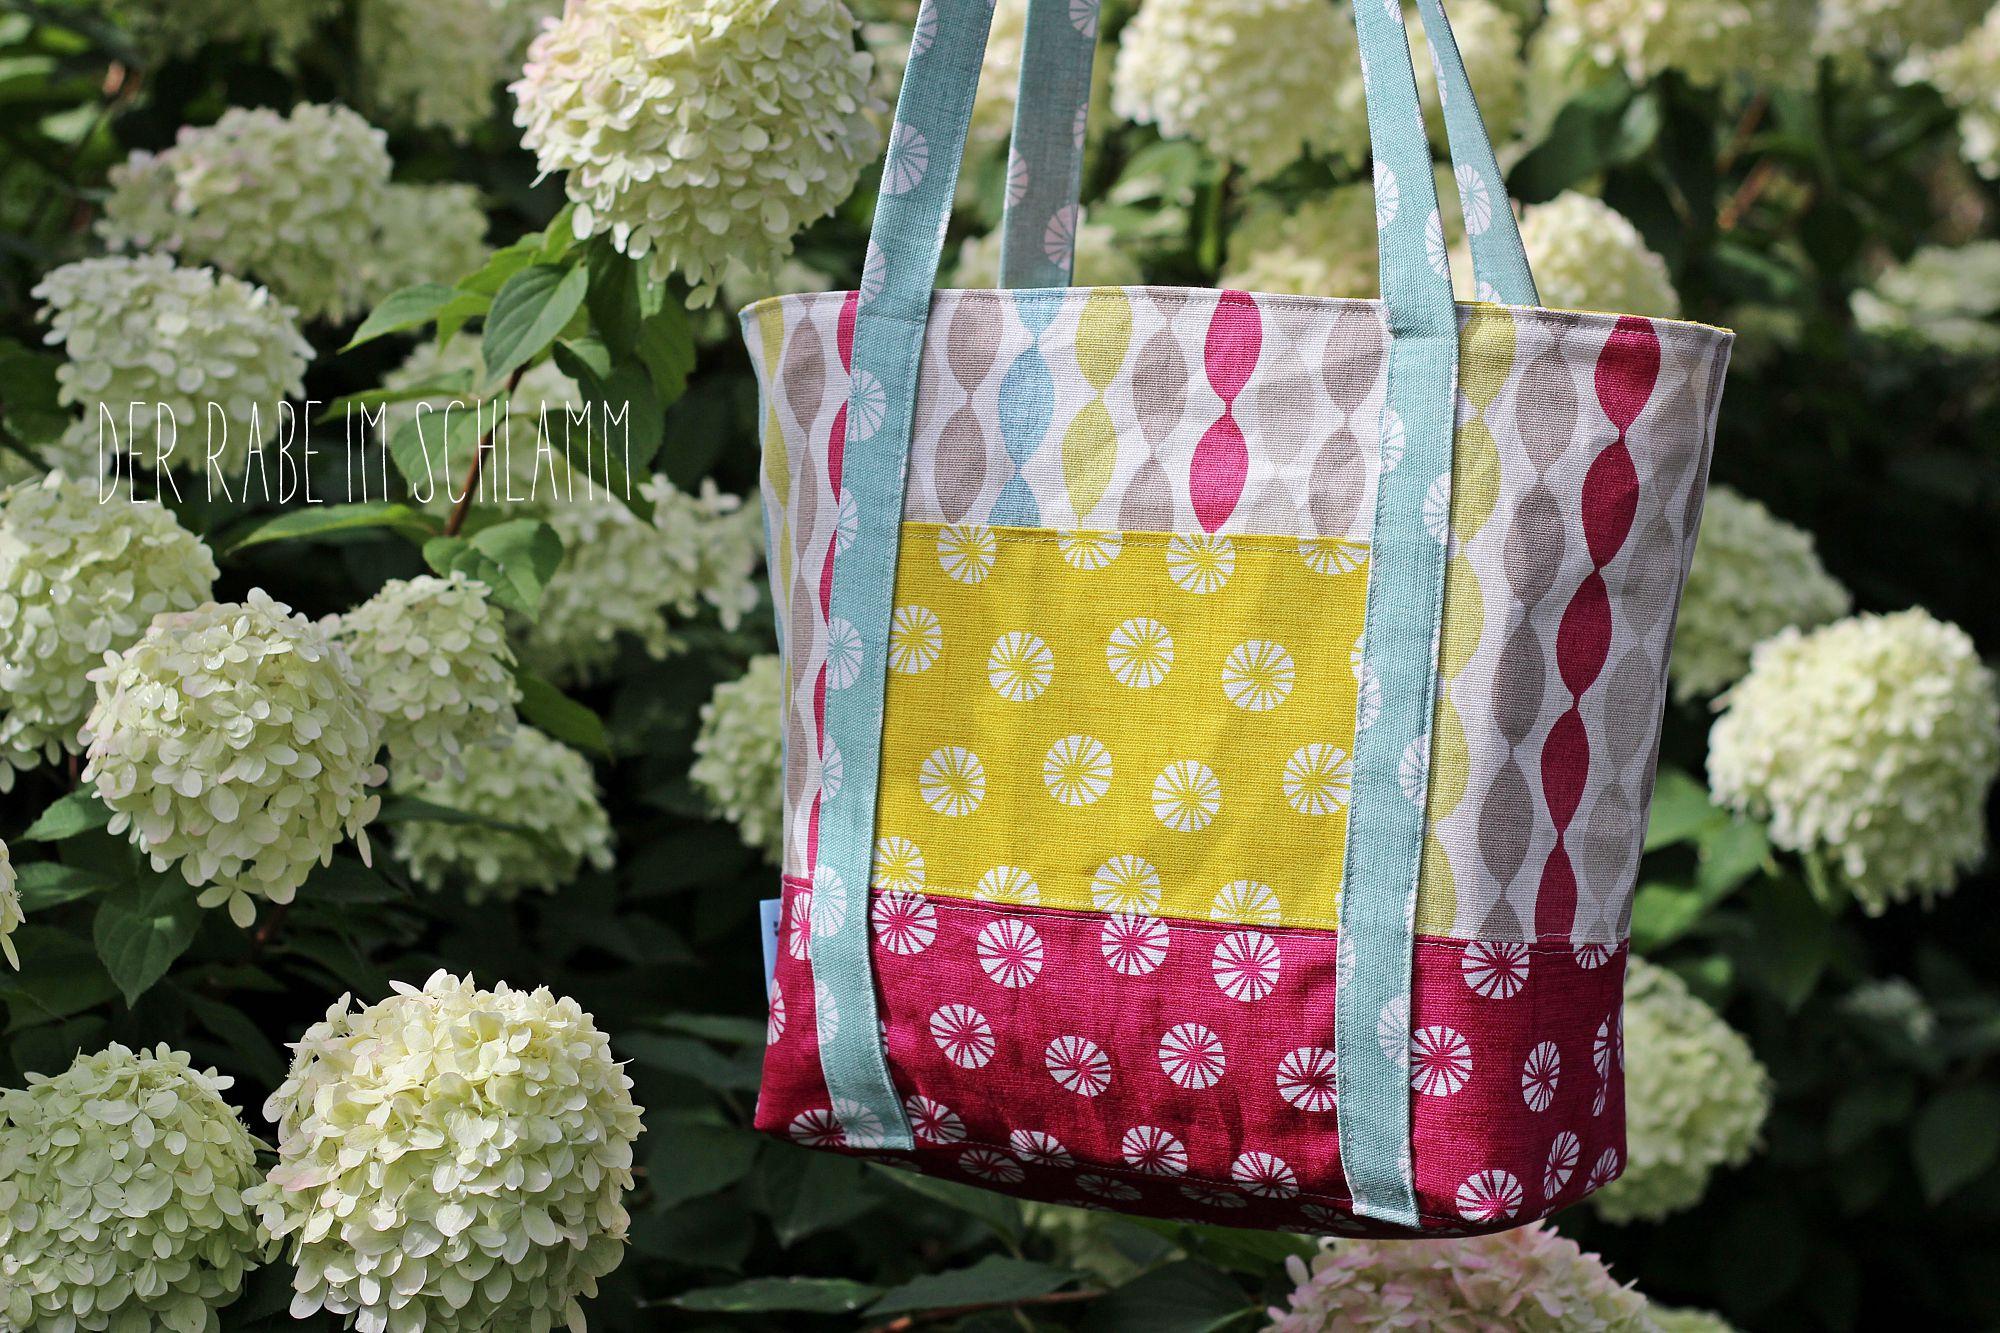 Handtasche Svea, Der Rabe im Schlamm, Nähen, Taschen